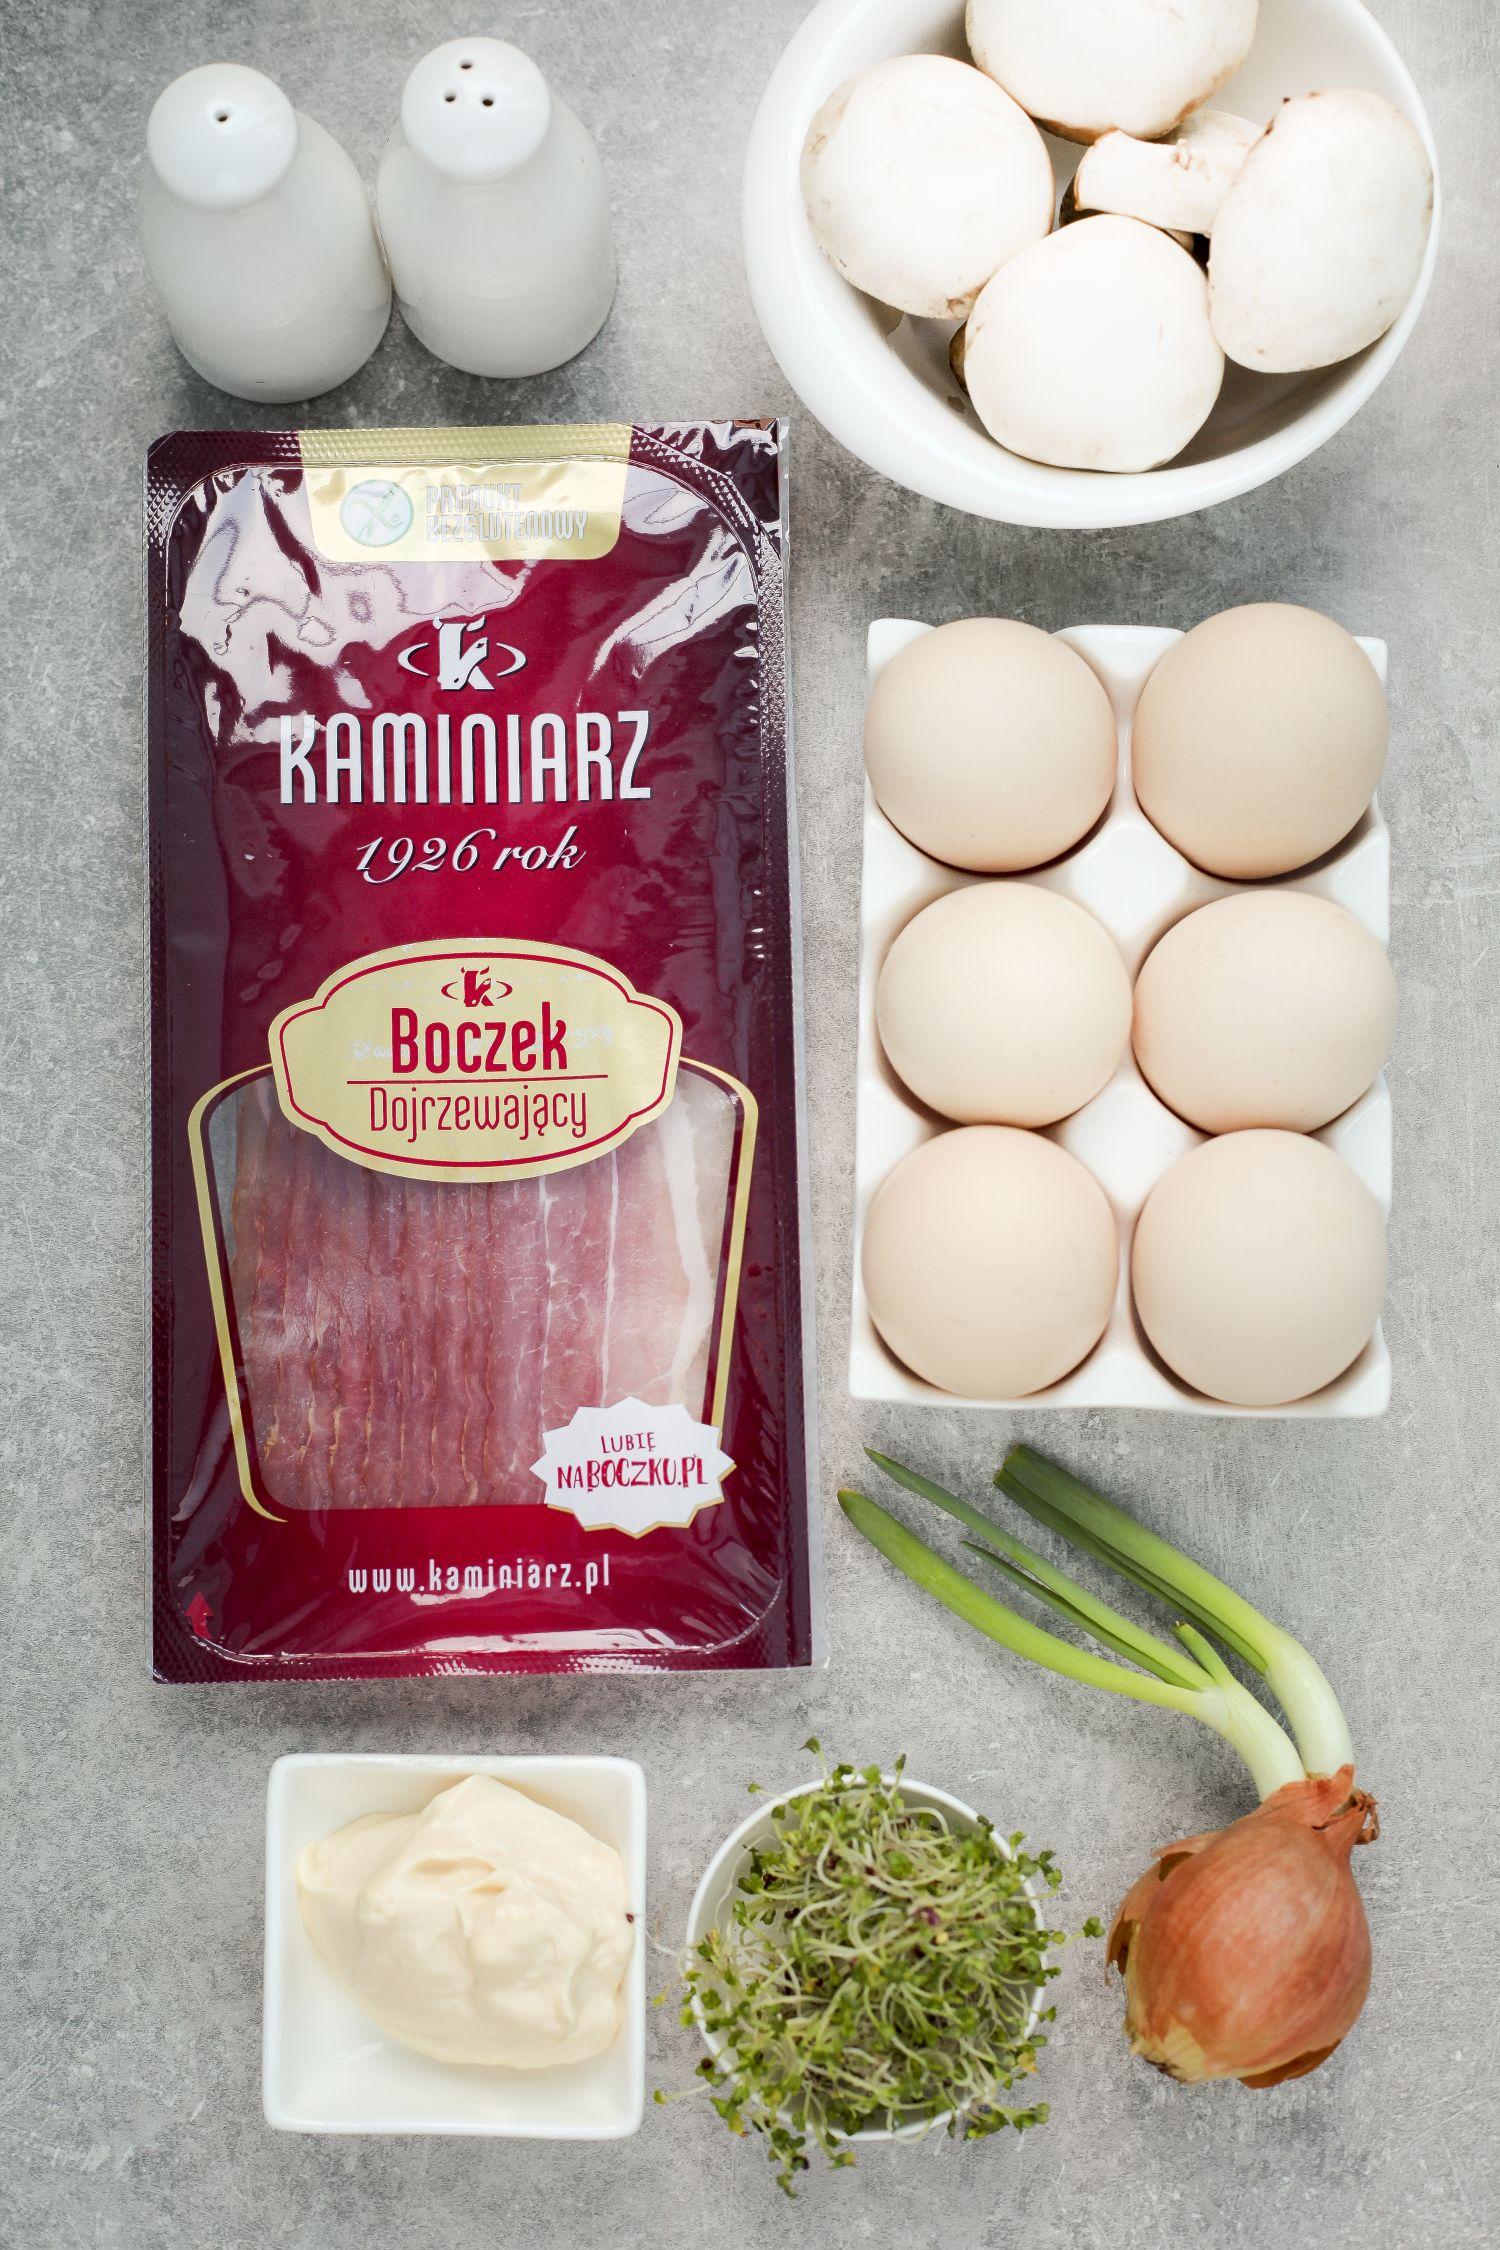 przepis na swieta wielkanocne: pasta jajeczna z boczkiem dojrzewajacym